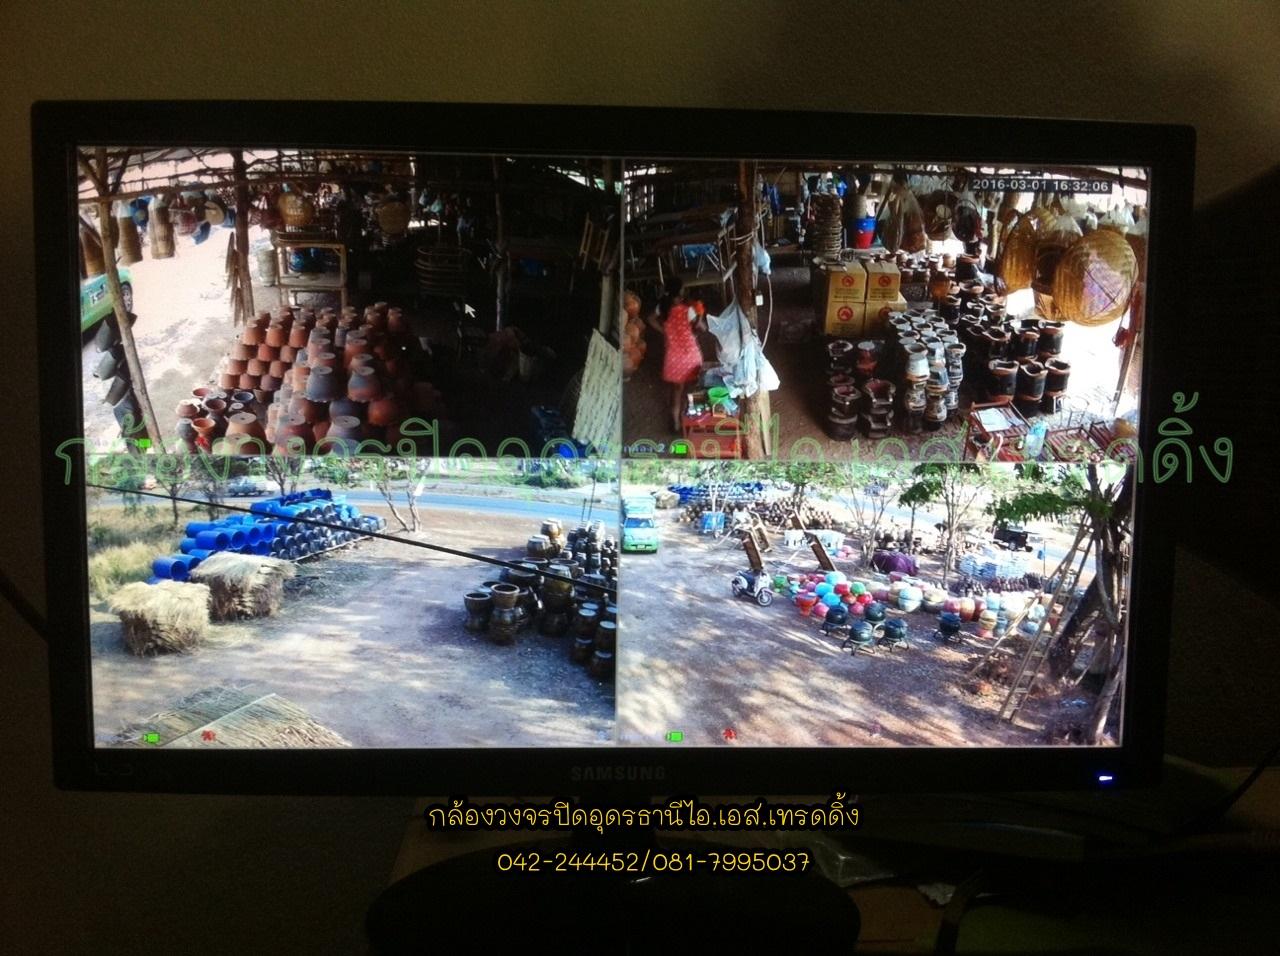 กล้องวงจรปิด DAHUA(ต้าหัว) ด้วยราคาเบาๆเพียง 16,900 บาท‼️